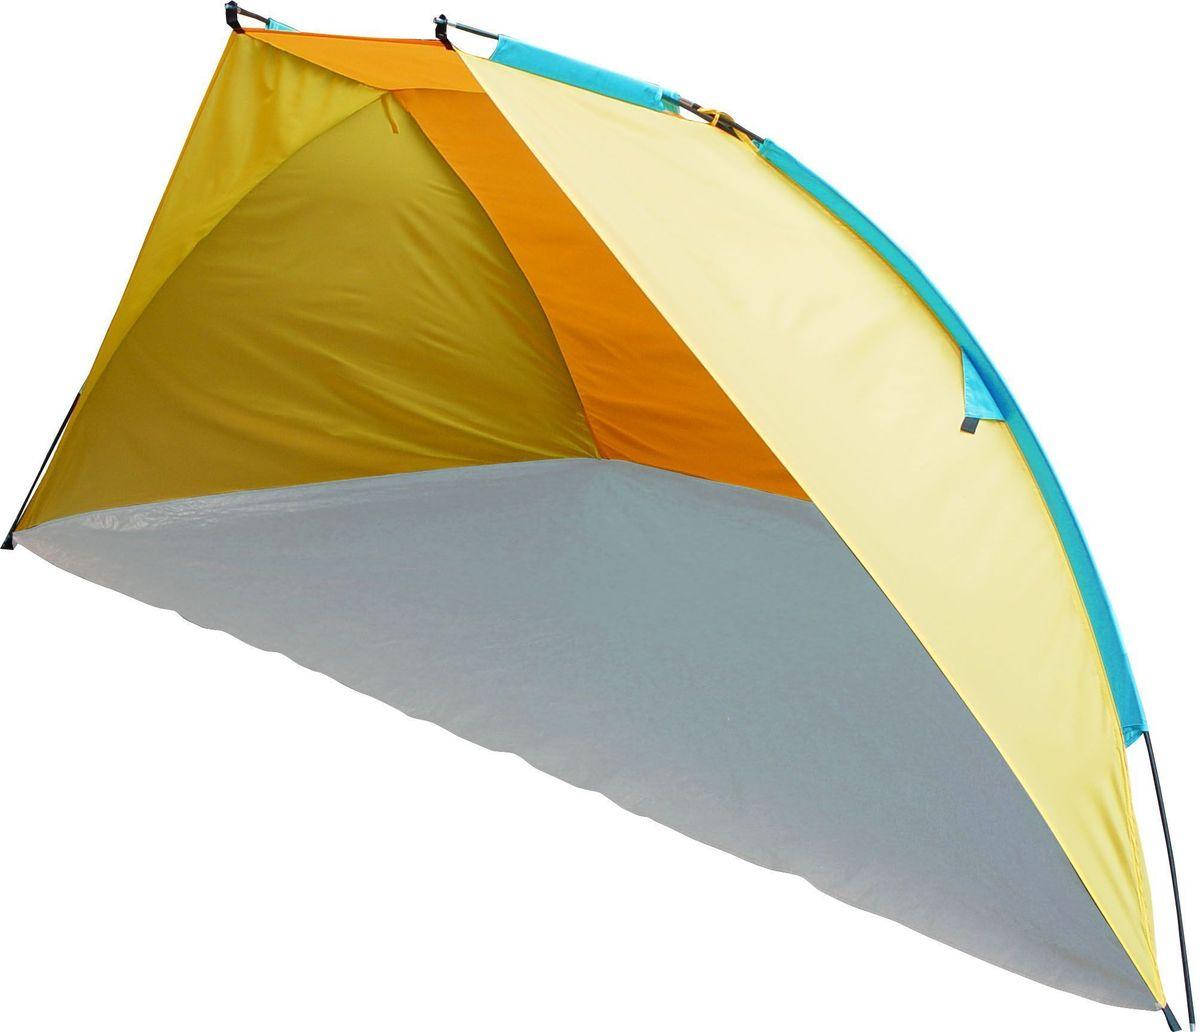 Тент пляжный GoGarden Tenerife Beach, 270 х 120 х 120 см, цвет: желтый, оранжевый67742Пляжный тент GoGarden Tenerife Beach, обеспечивает защиту от солнца, ветра и даже легких осадков - особенно полезен для очень маленьких детей. Очень прост в установке, имеет малый вес и удобный чехол с ручкой для переноски.Особенности модели:Простая и быстрая установка,Тент палатки из полиэстера, с пропиткой PU водостойкостью 500 ммКаркас выполнен из прочного стекловолокна,Дно изготовлено из прочного армированного полиэтилена, Утяжеляющий карман для песка для устойчивости тента,Растяжки и колышки в комплекте. Характеристики:Цвет: желтый/оранжевый.Размер шатра: 270 см х 120 см х 120 см.Материал шатра: 100% полиэстер, пропитка PU.Водостойкость тента: 500мм.Материал дуг: стеклопластик 7,9 мм.Вес: 1,4 кг.Размер в сложенном виде: 10 см х 68 см.Производитель: Китай.Артикул: 50224.